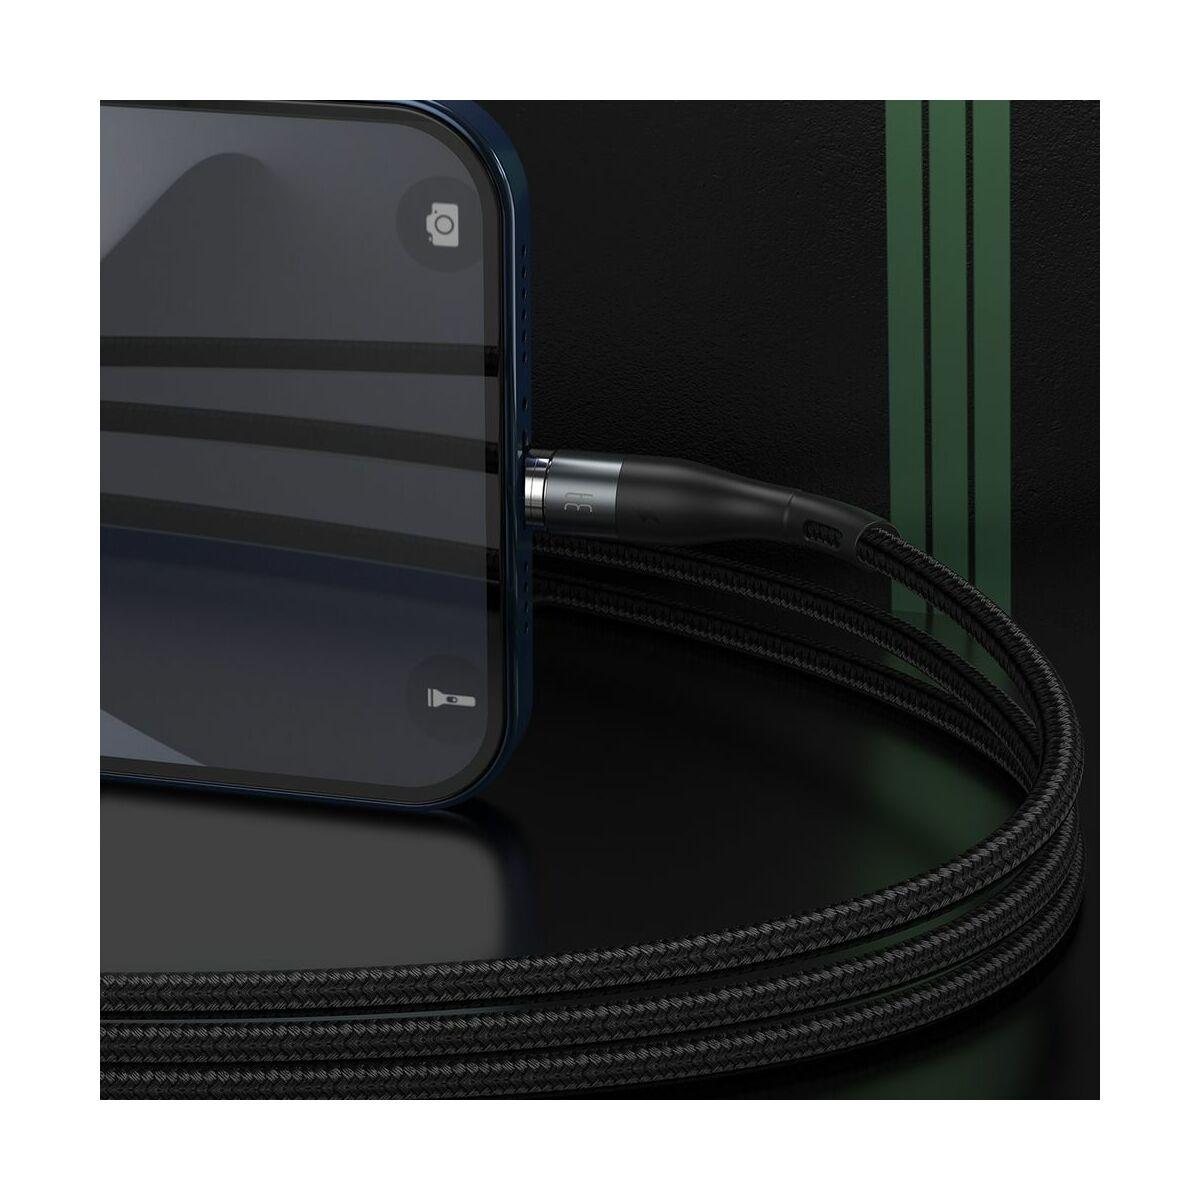 Baseus Lightning Mágnessel csatlakozó töltő kábel, 2.4A, 1m, fekete/szürke (CALXC-KG1)